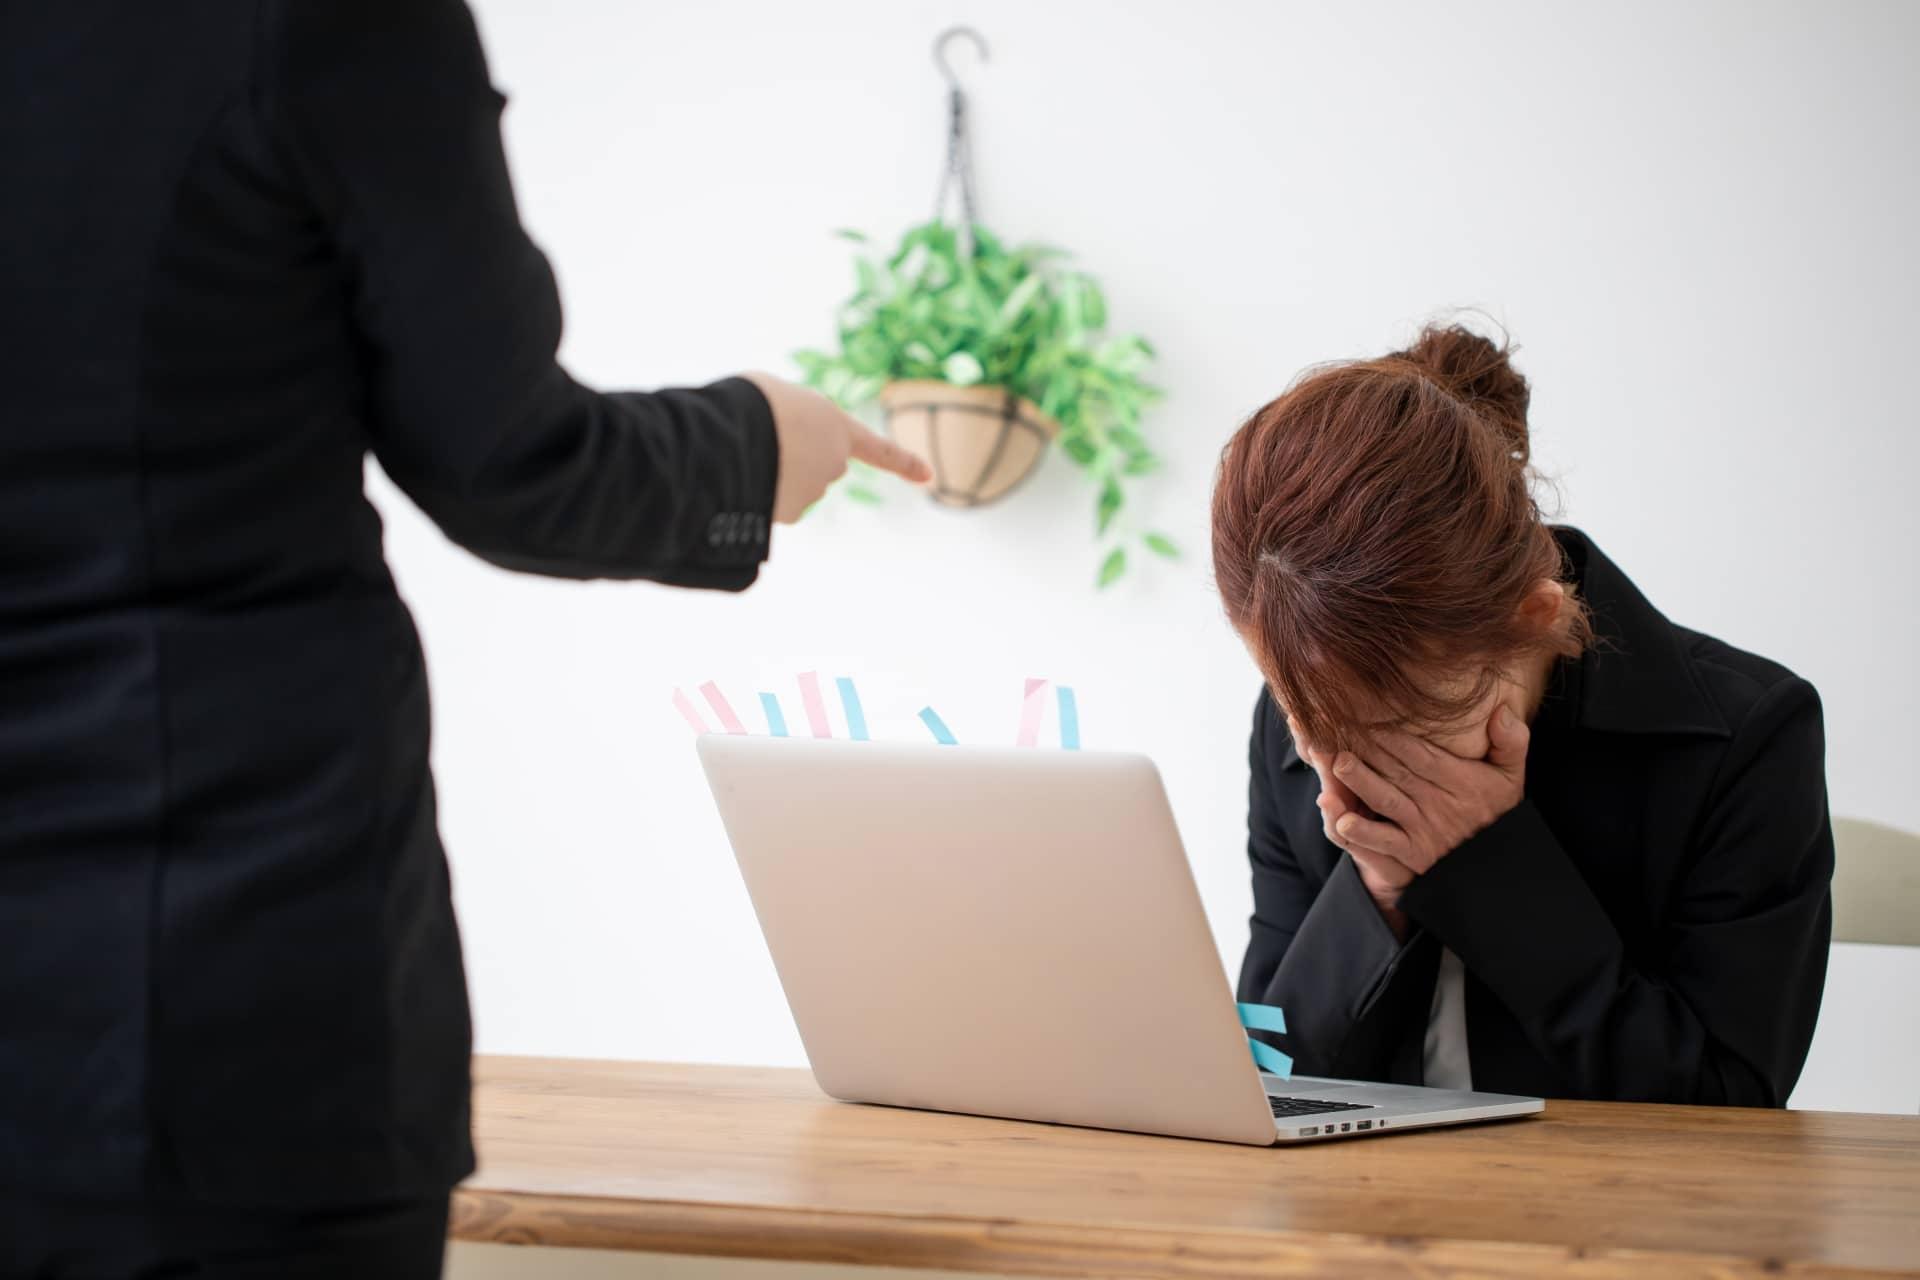 【パワハラ防止法】中小企業も対策が義務化!必要な措置の内容や罰則について解説